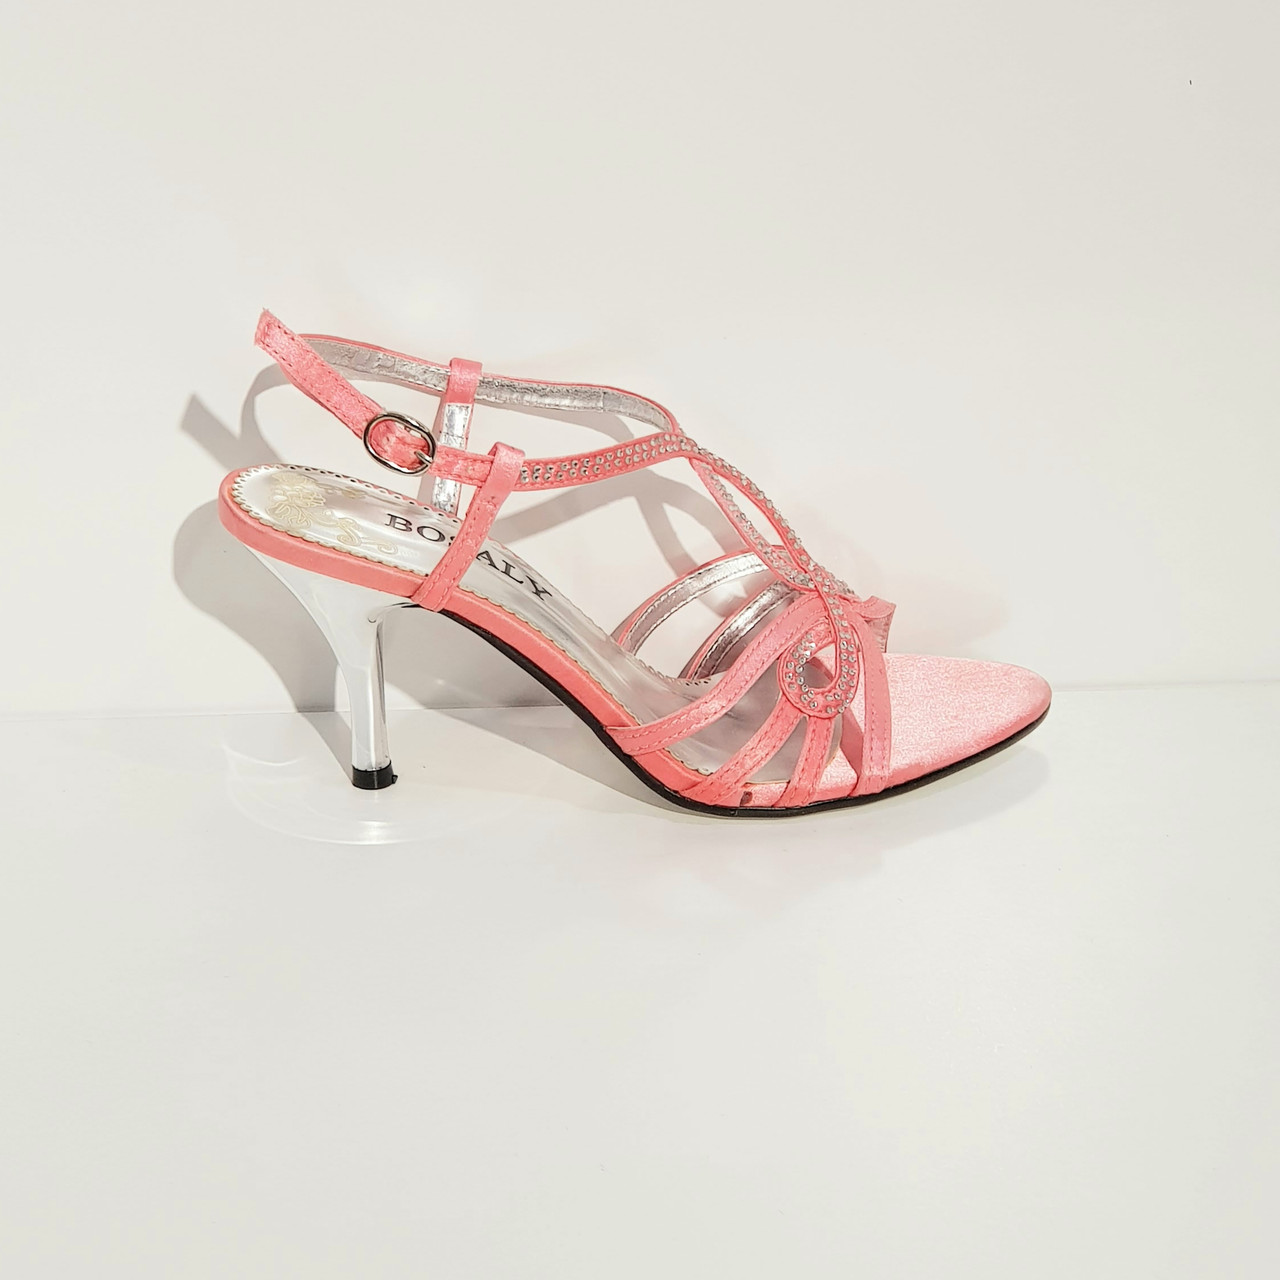 Босоножки женские текстильные на среднем клиновидном каблуке розовые